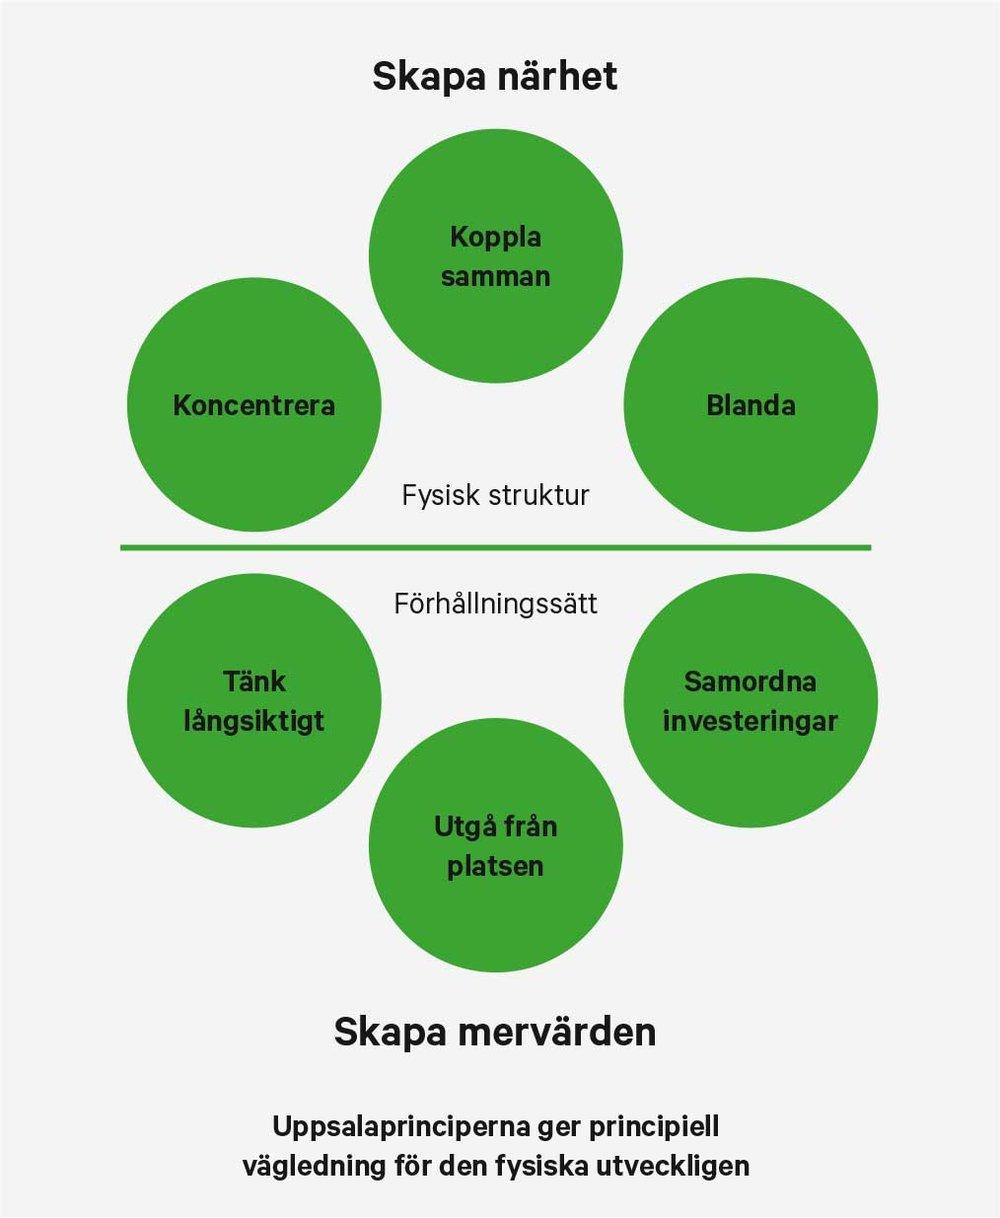 Uppsala översiktsplan lyfter fram två viktiga principer. 1. Skapa närhet - genom att koncentrera, blanda och koppla samman. Med närhet menas närhet mellan människor och till det man behöver i sin vardag. 2. Skapa mervärden - Det innebär att en förändring löser flera problem på samma gång och skapar många olika värden samtidigt. Därför ska vi tänka långsiktigt, utgå från platsen och samordna investeringar.